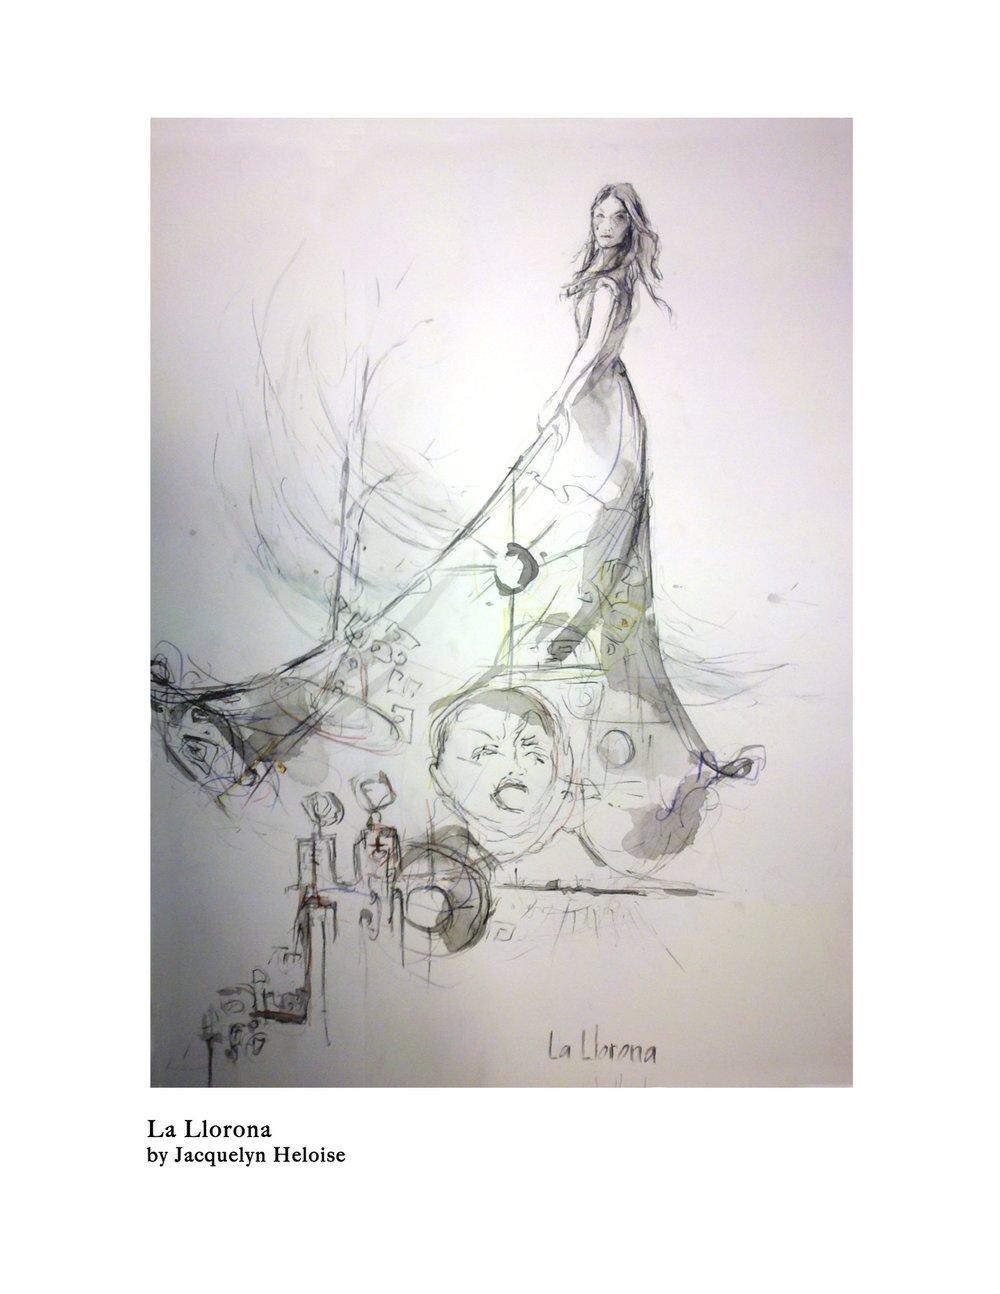 La llorona by JHeloise